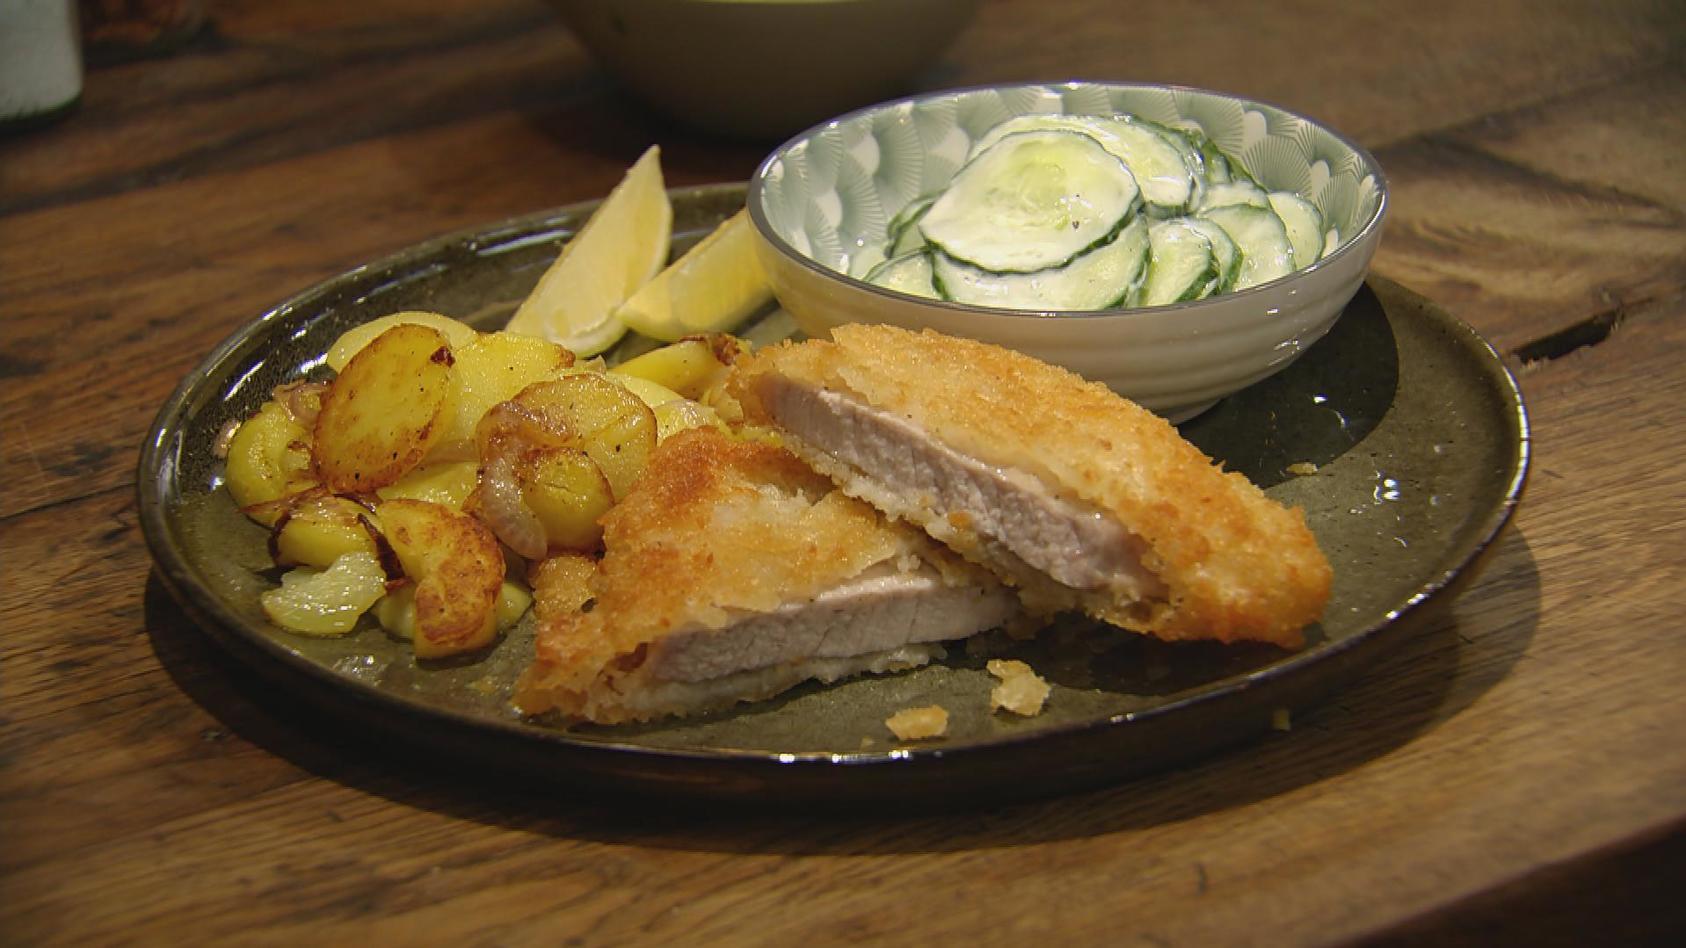 Lieblingsrezepte aus der Kindheit in neuem Gewand: Schnitzel mit Bratkartoffeln und Gurkensalat!